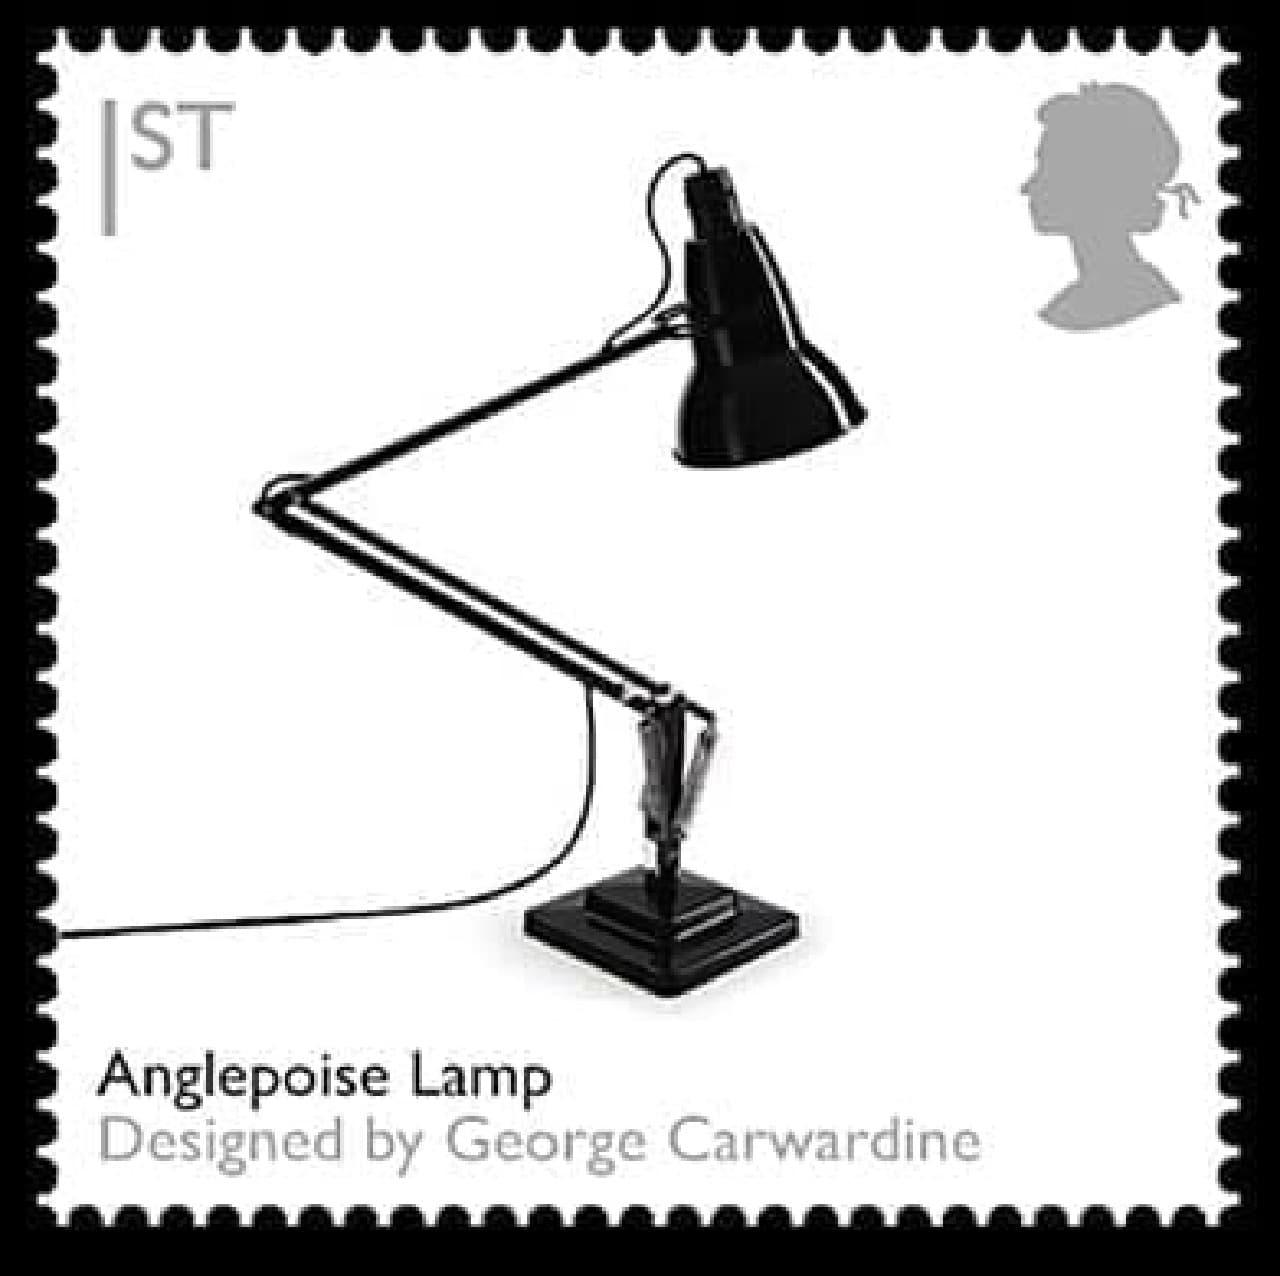 このライト、英国で発明されたものだったのですね